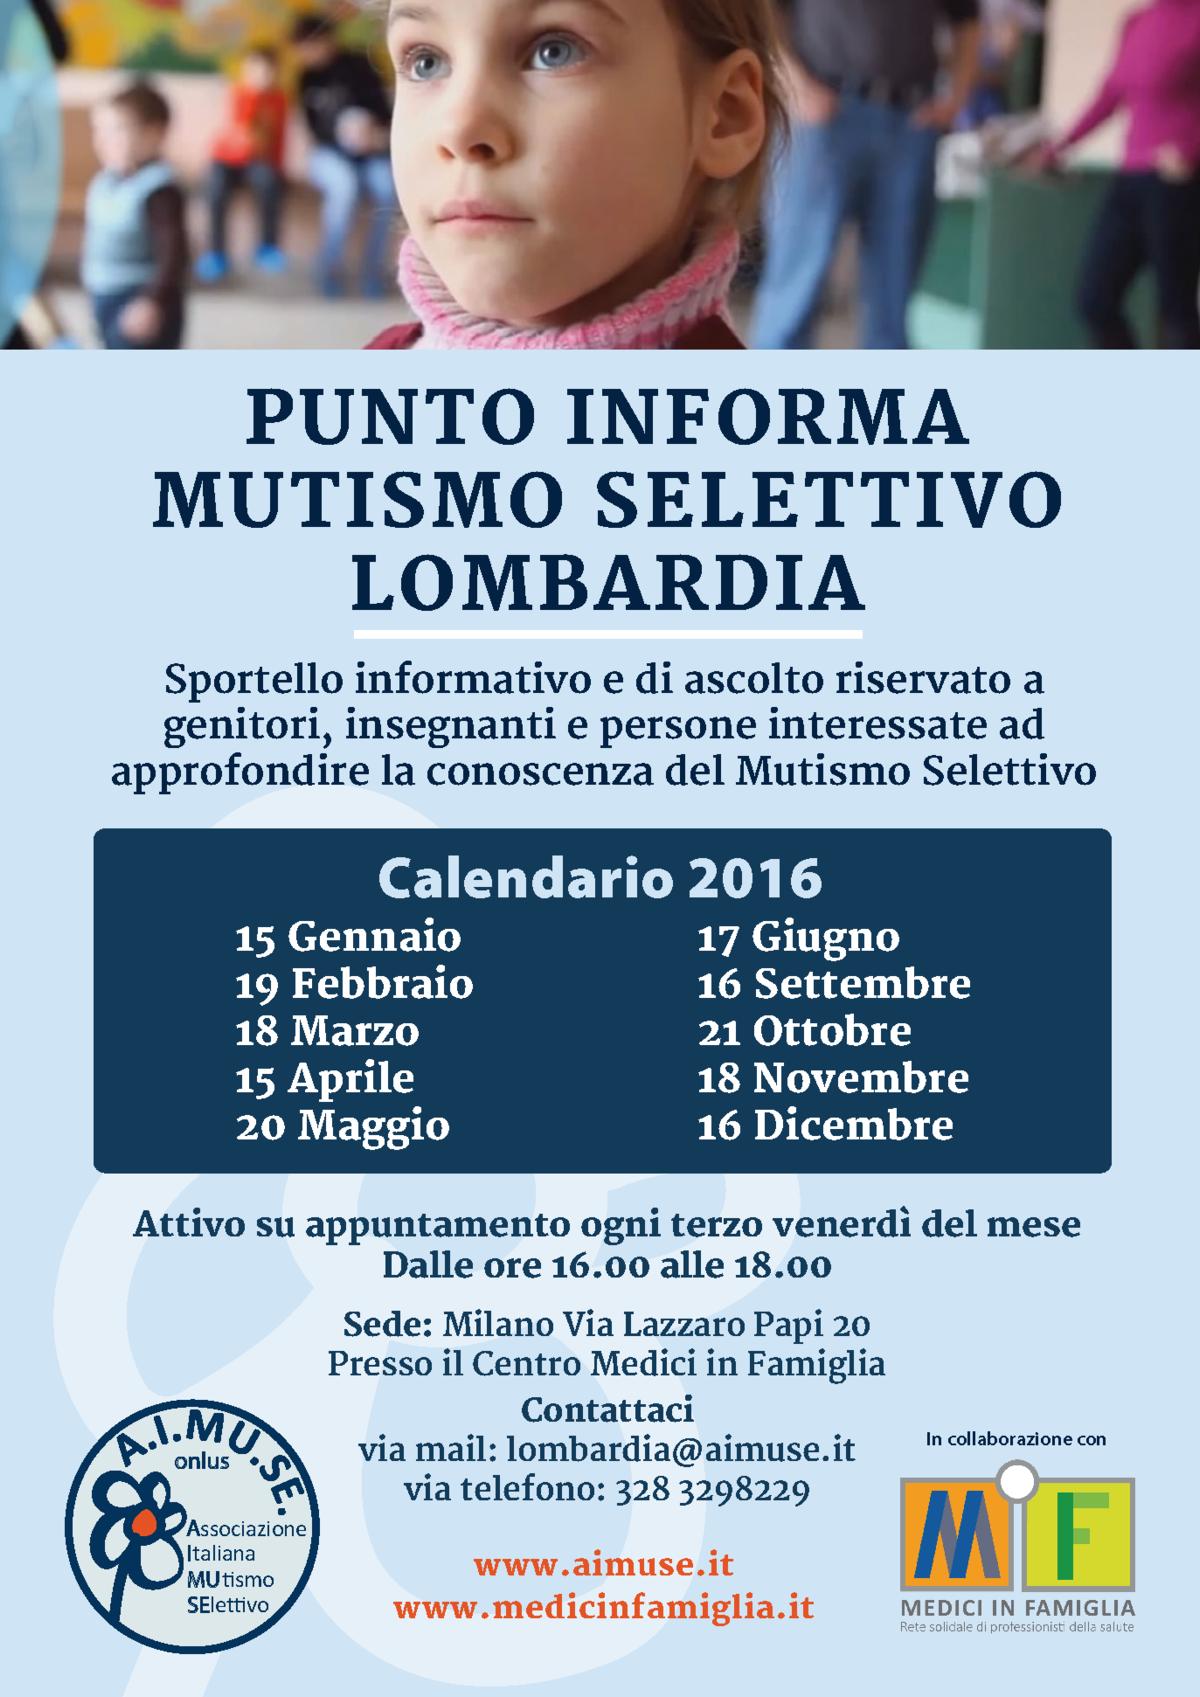 Calendario 2016 del Punto Informa Lombardia